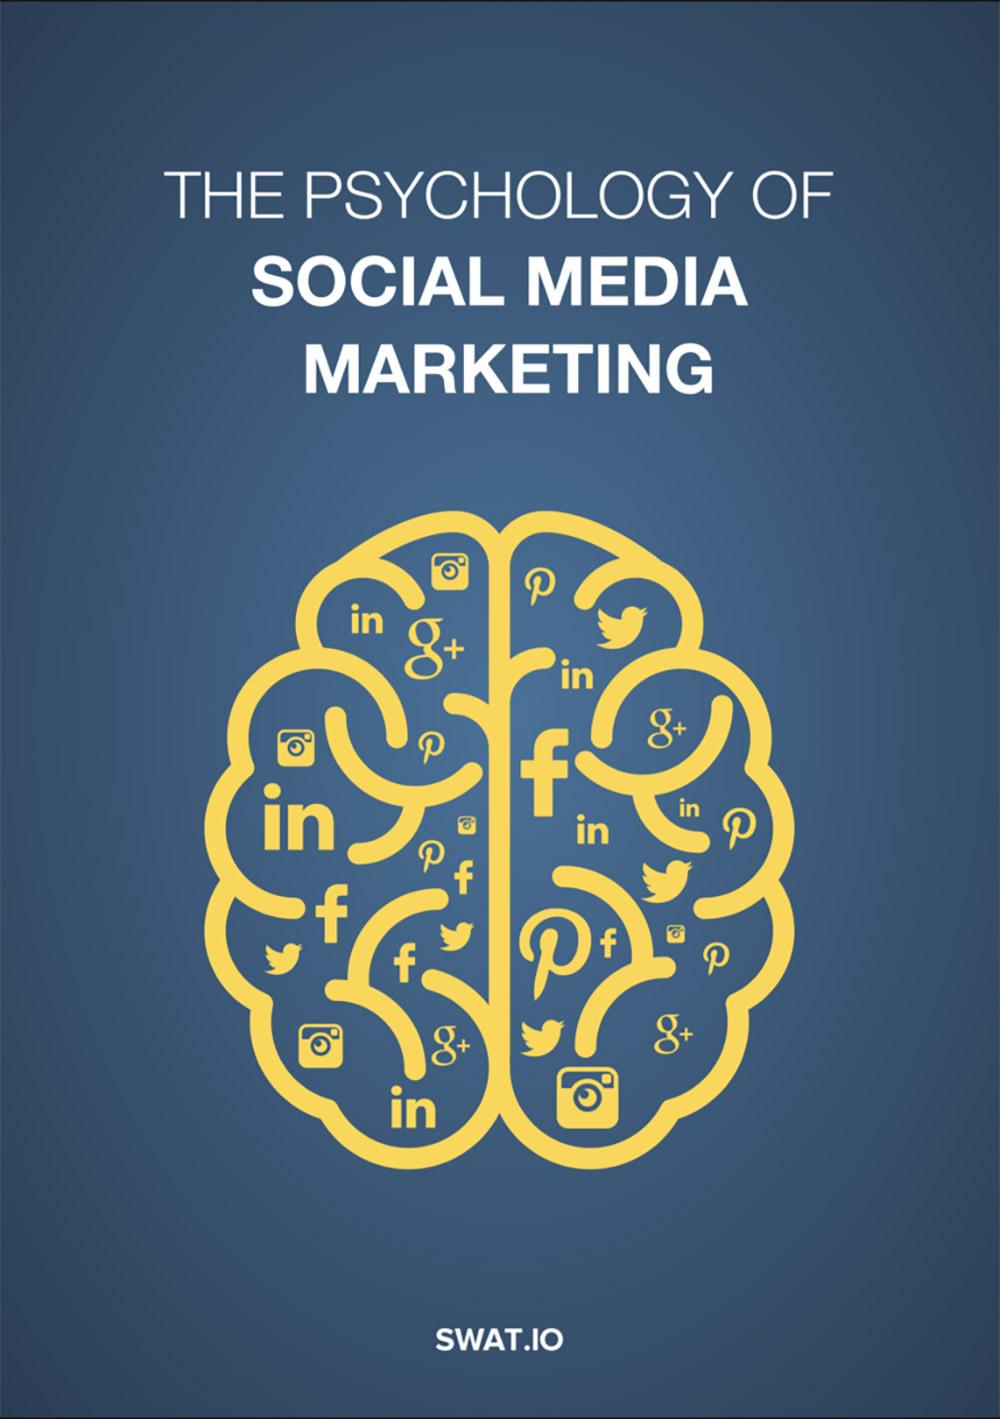 Психология маркетинга в социальных сетях